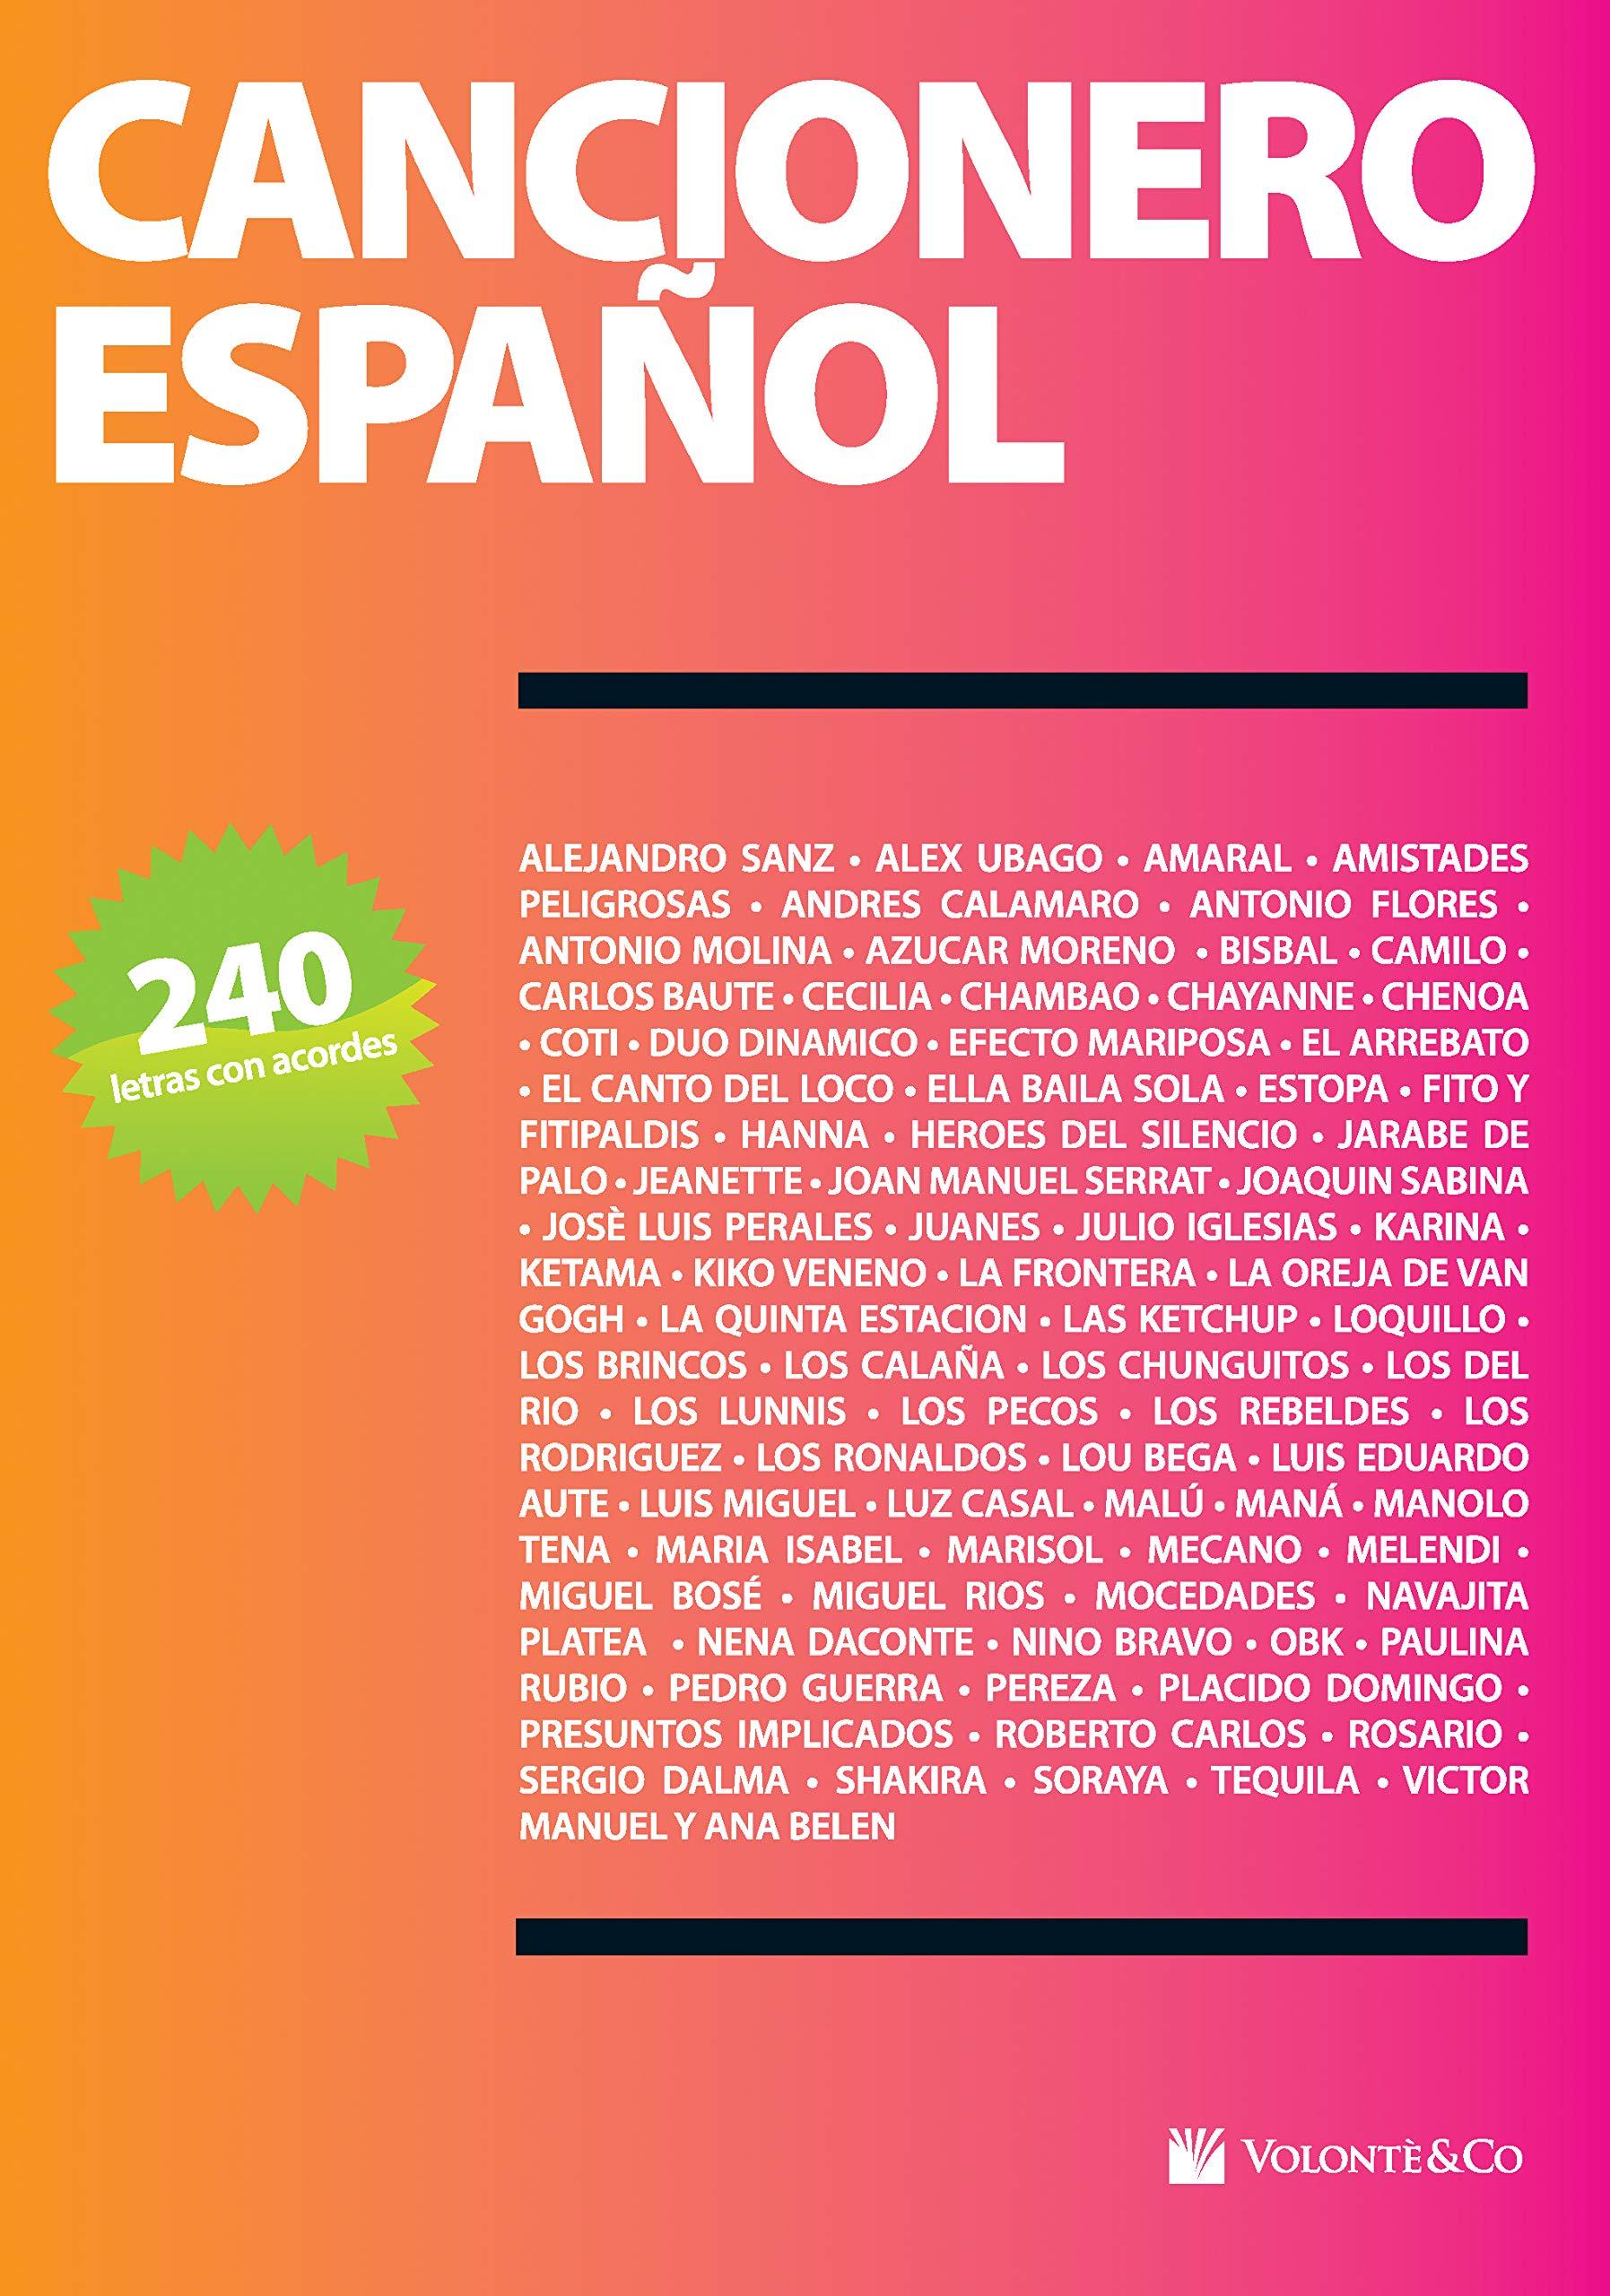 CANCIONERO ESPANOL: Amazon.es: Aa.Vv.: Libros